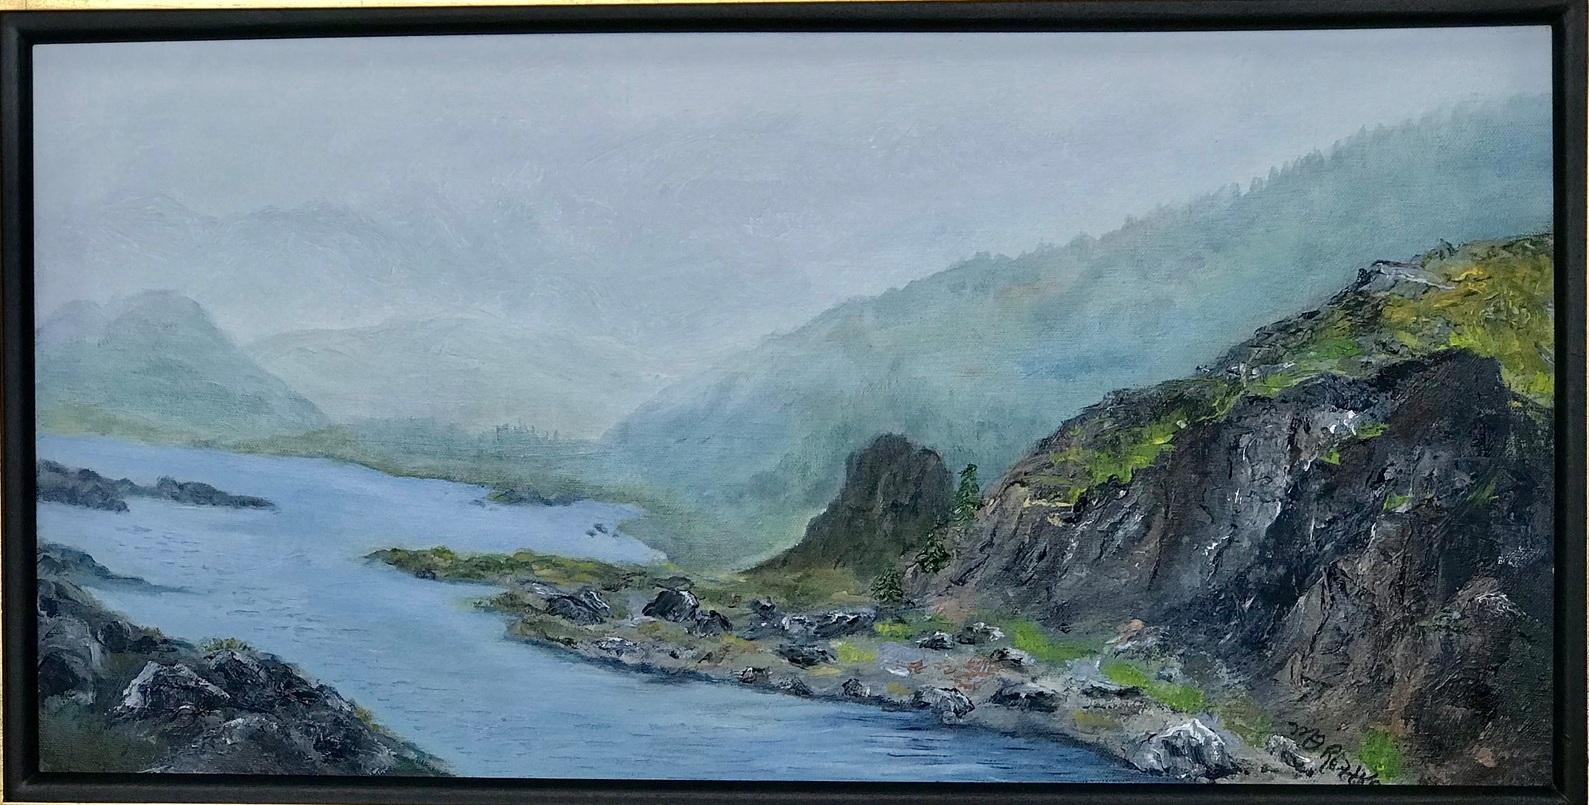 MELINDA RETTKE  - Peoria, IL   Skagway River, Alaska   oil on canvas, NFS